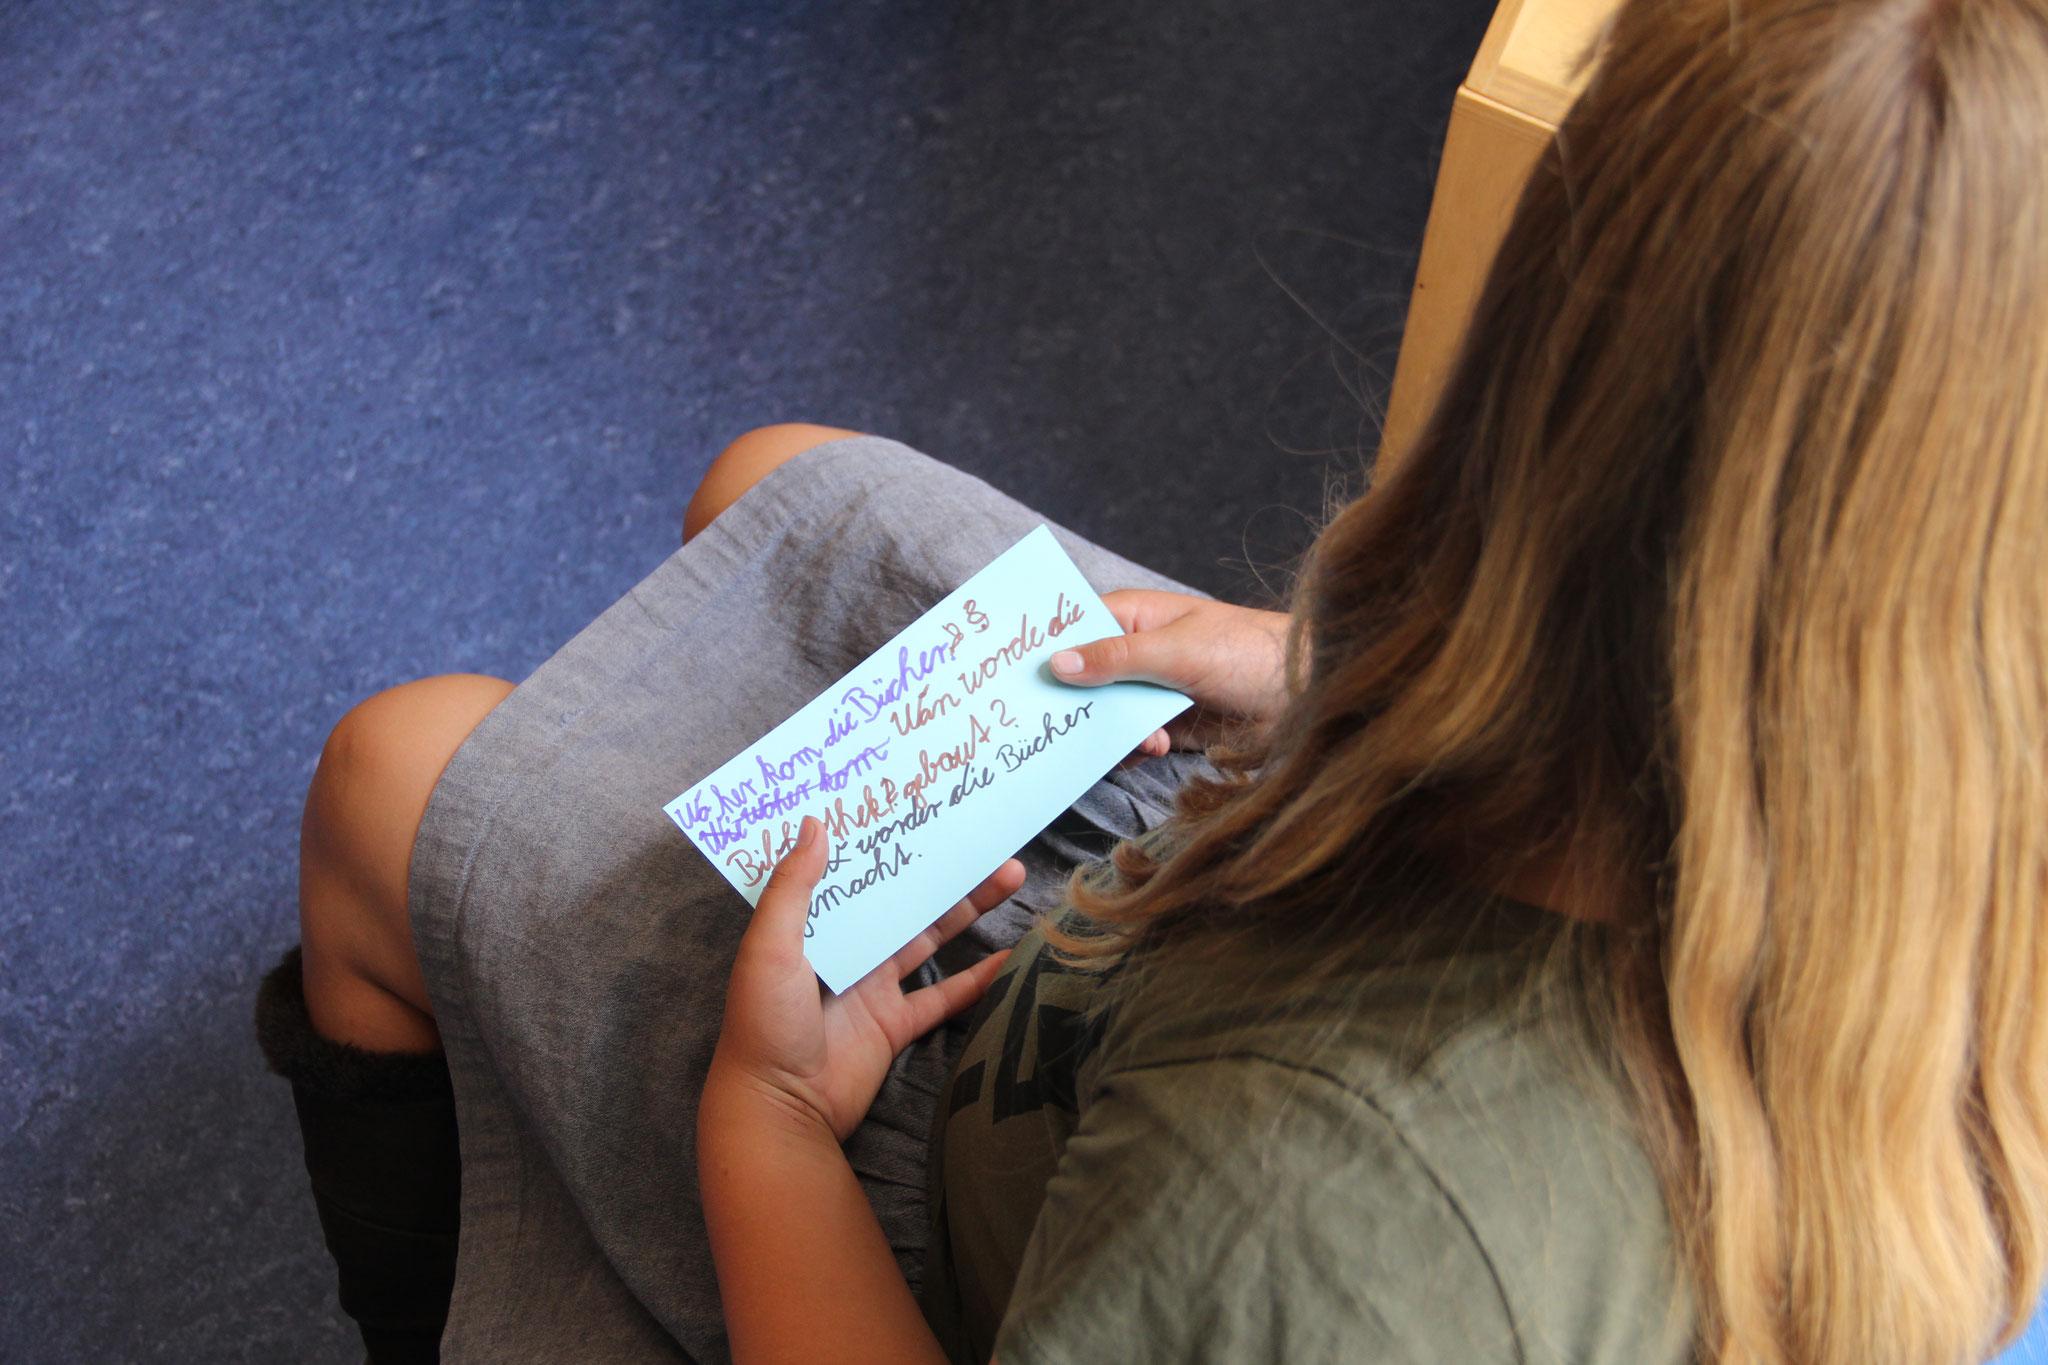 Bevor es in die Bibliothek ging, haben alle Zettel mit Fragen erstellt.